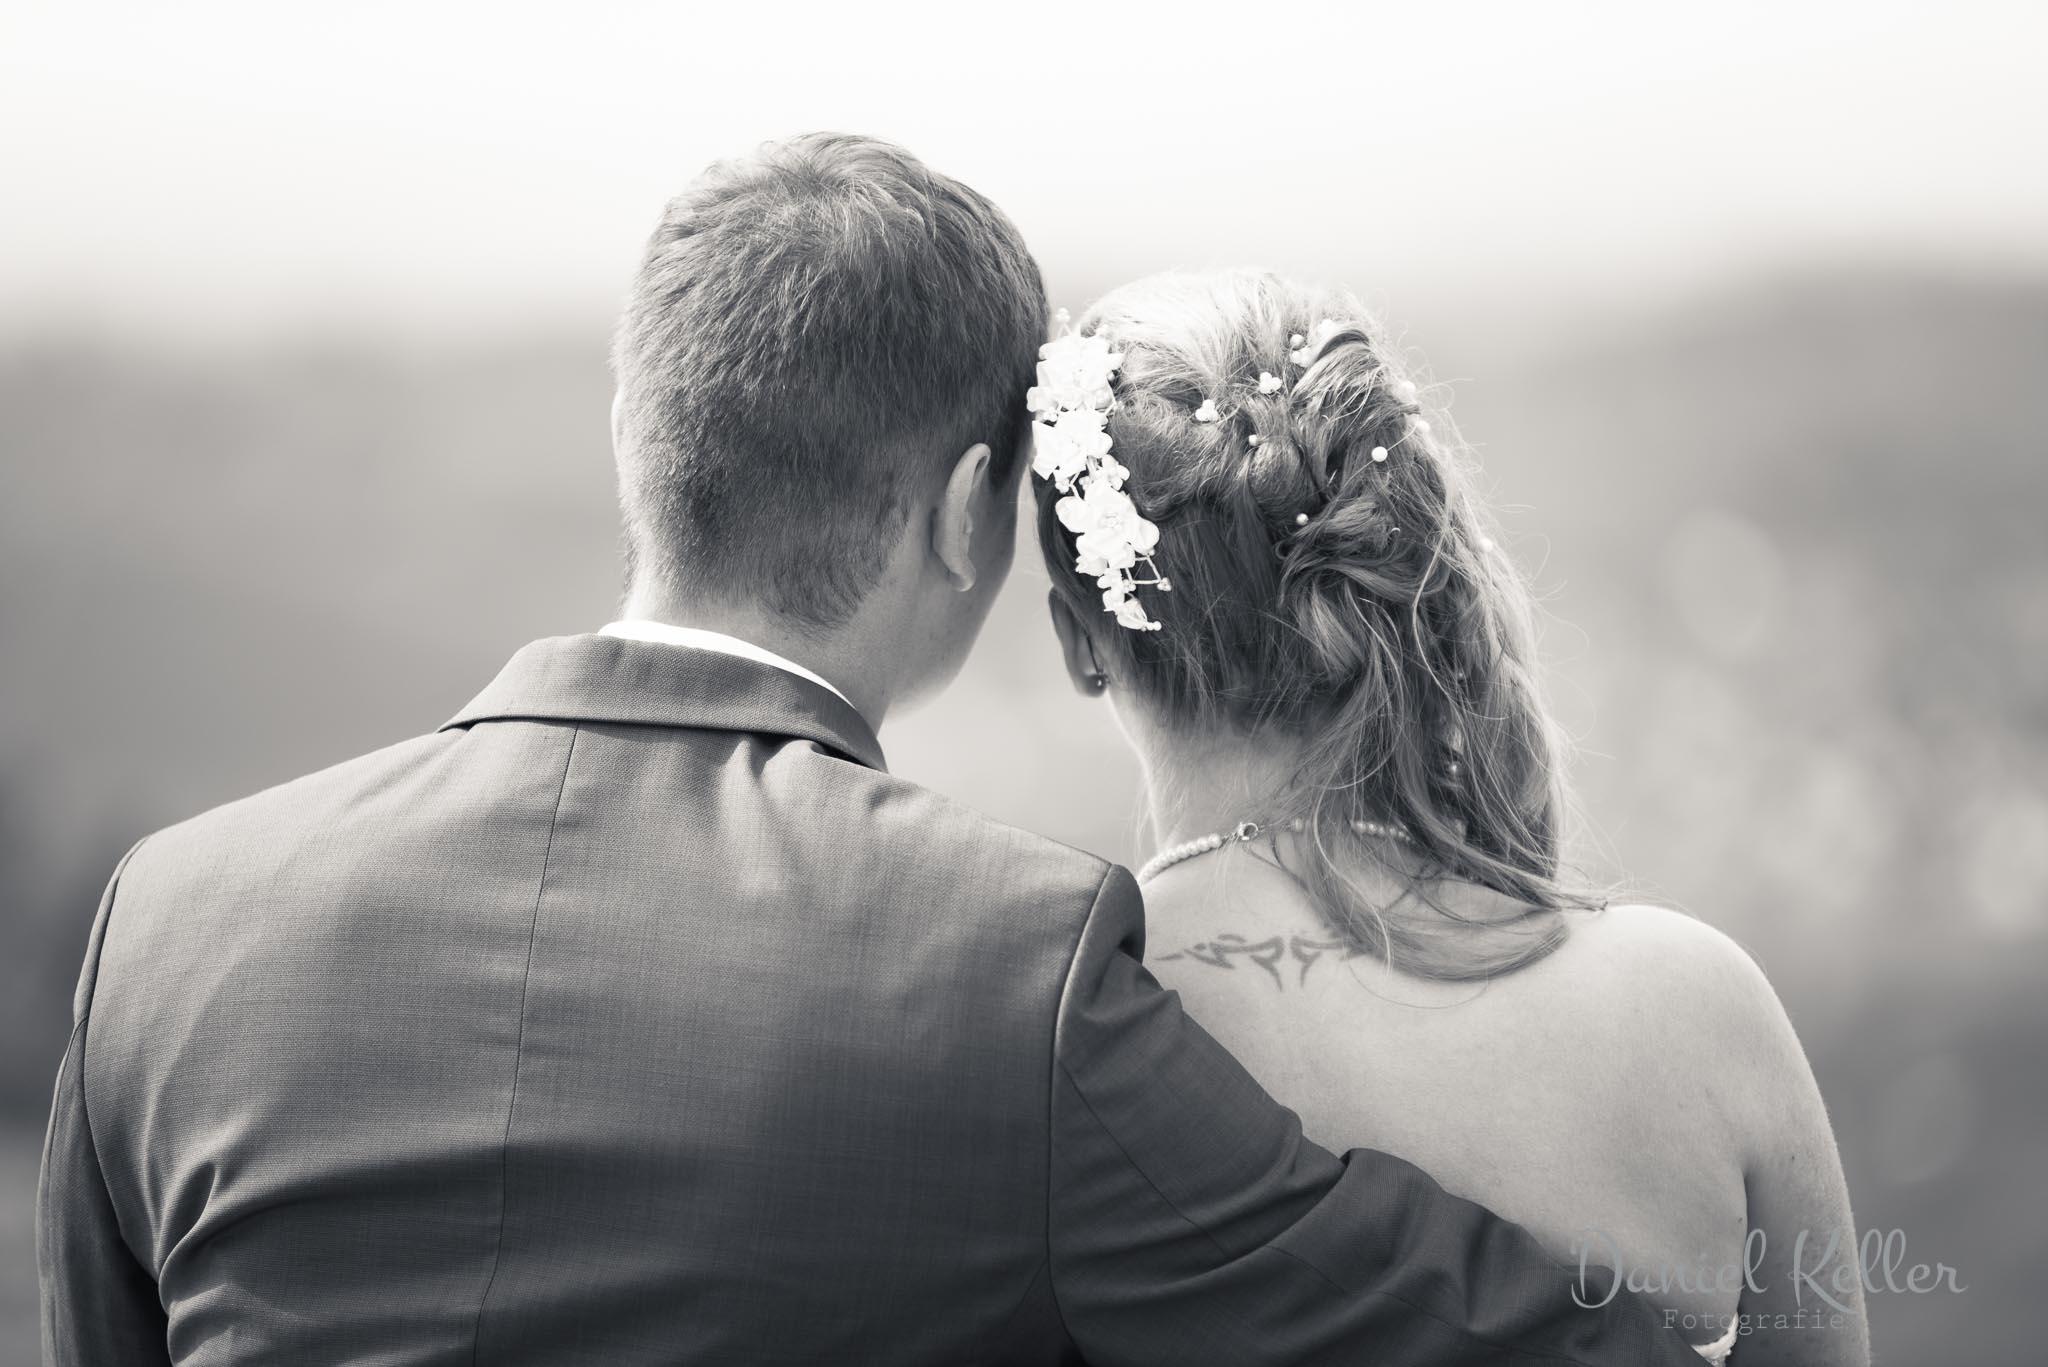 Hochzeitsfotograf Offenburg Daniel Keller Reben Offenburg Durbach